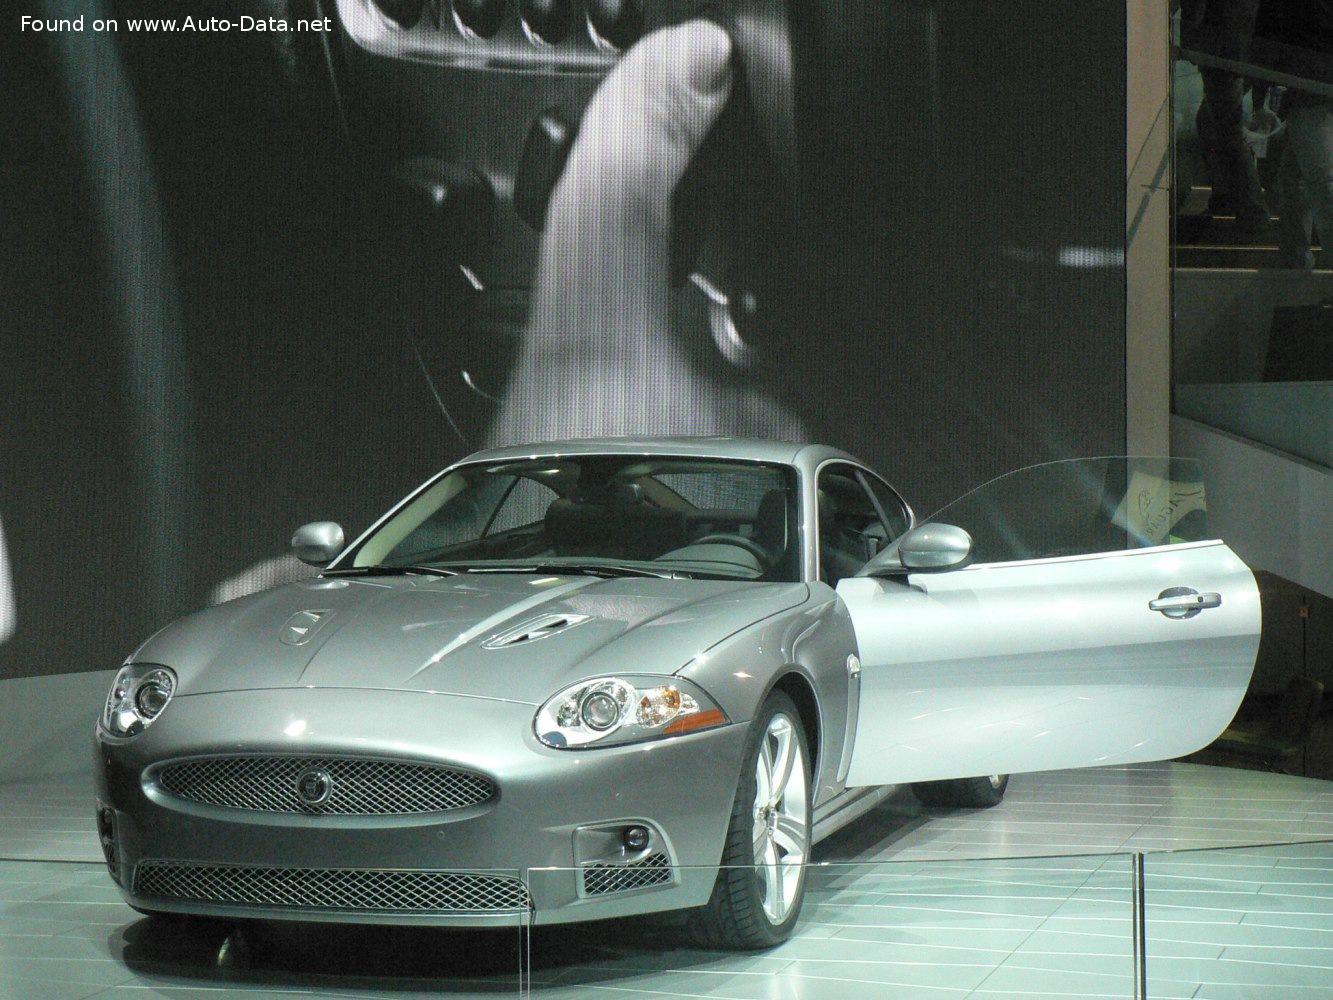 2006 Jaguar Xk Coupe X150 Xkr 4 2 V8 416 Hp Automatic Technical Specs Data Fuel Consumption Dimensions